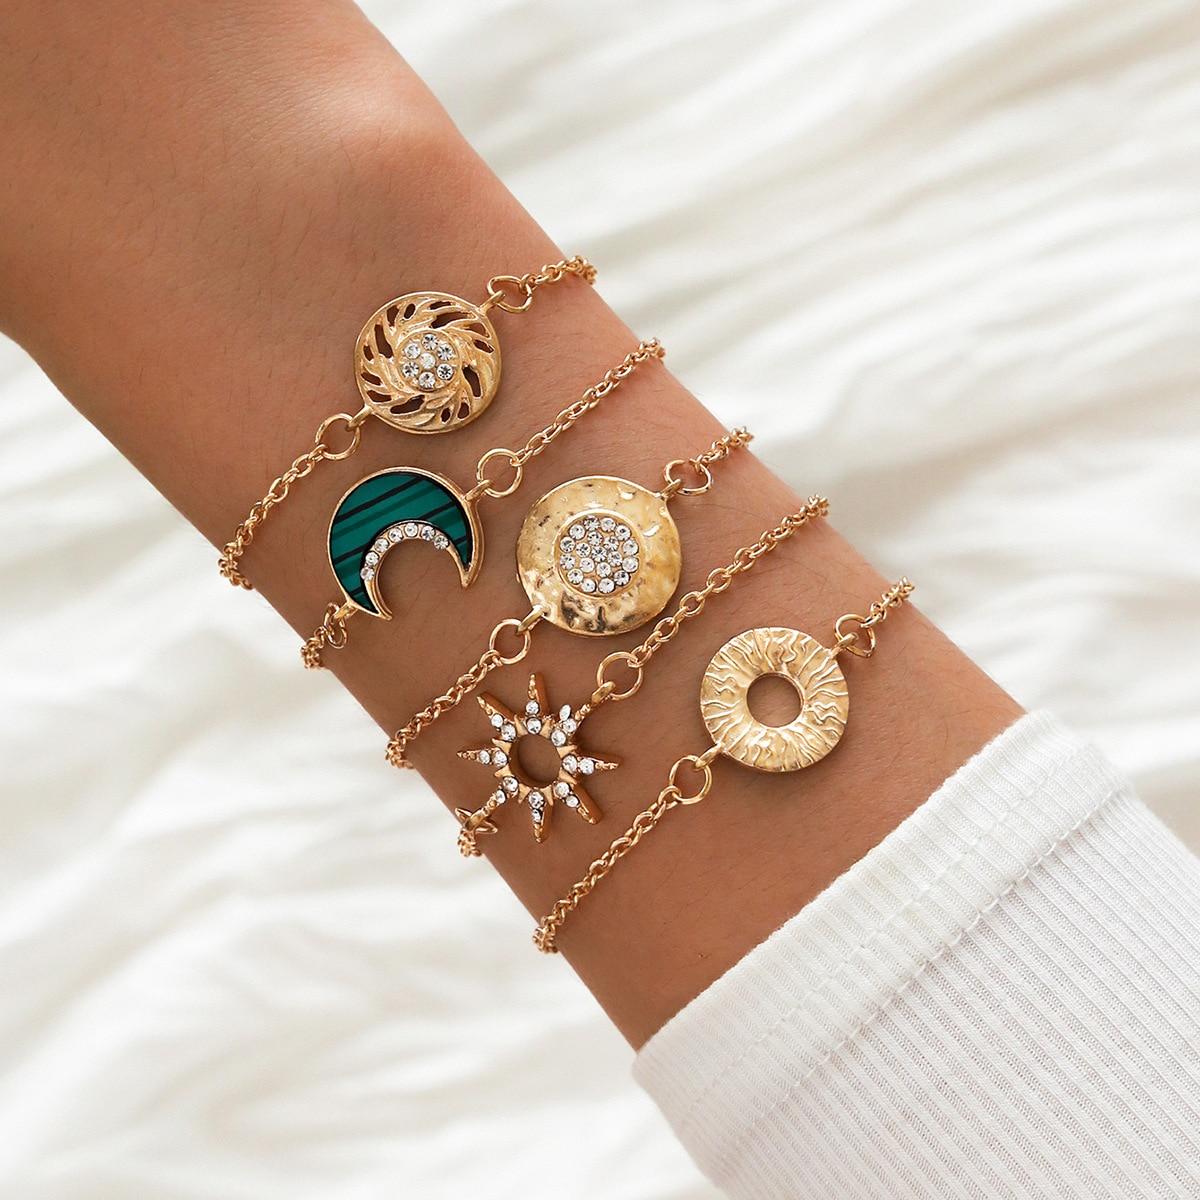 HI MAN-pulsera Vintage hueca trenzada con forma de Luna mixta para mujer, amuleto de cristal de Pavé, joyería clásica para fiesta